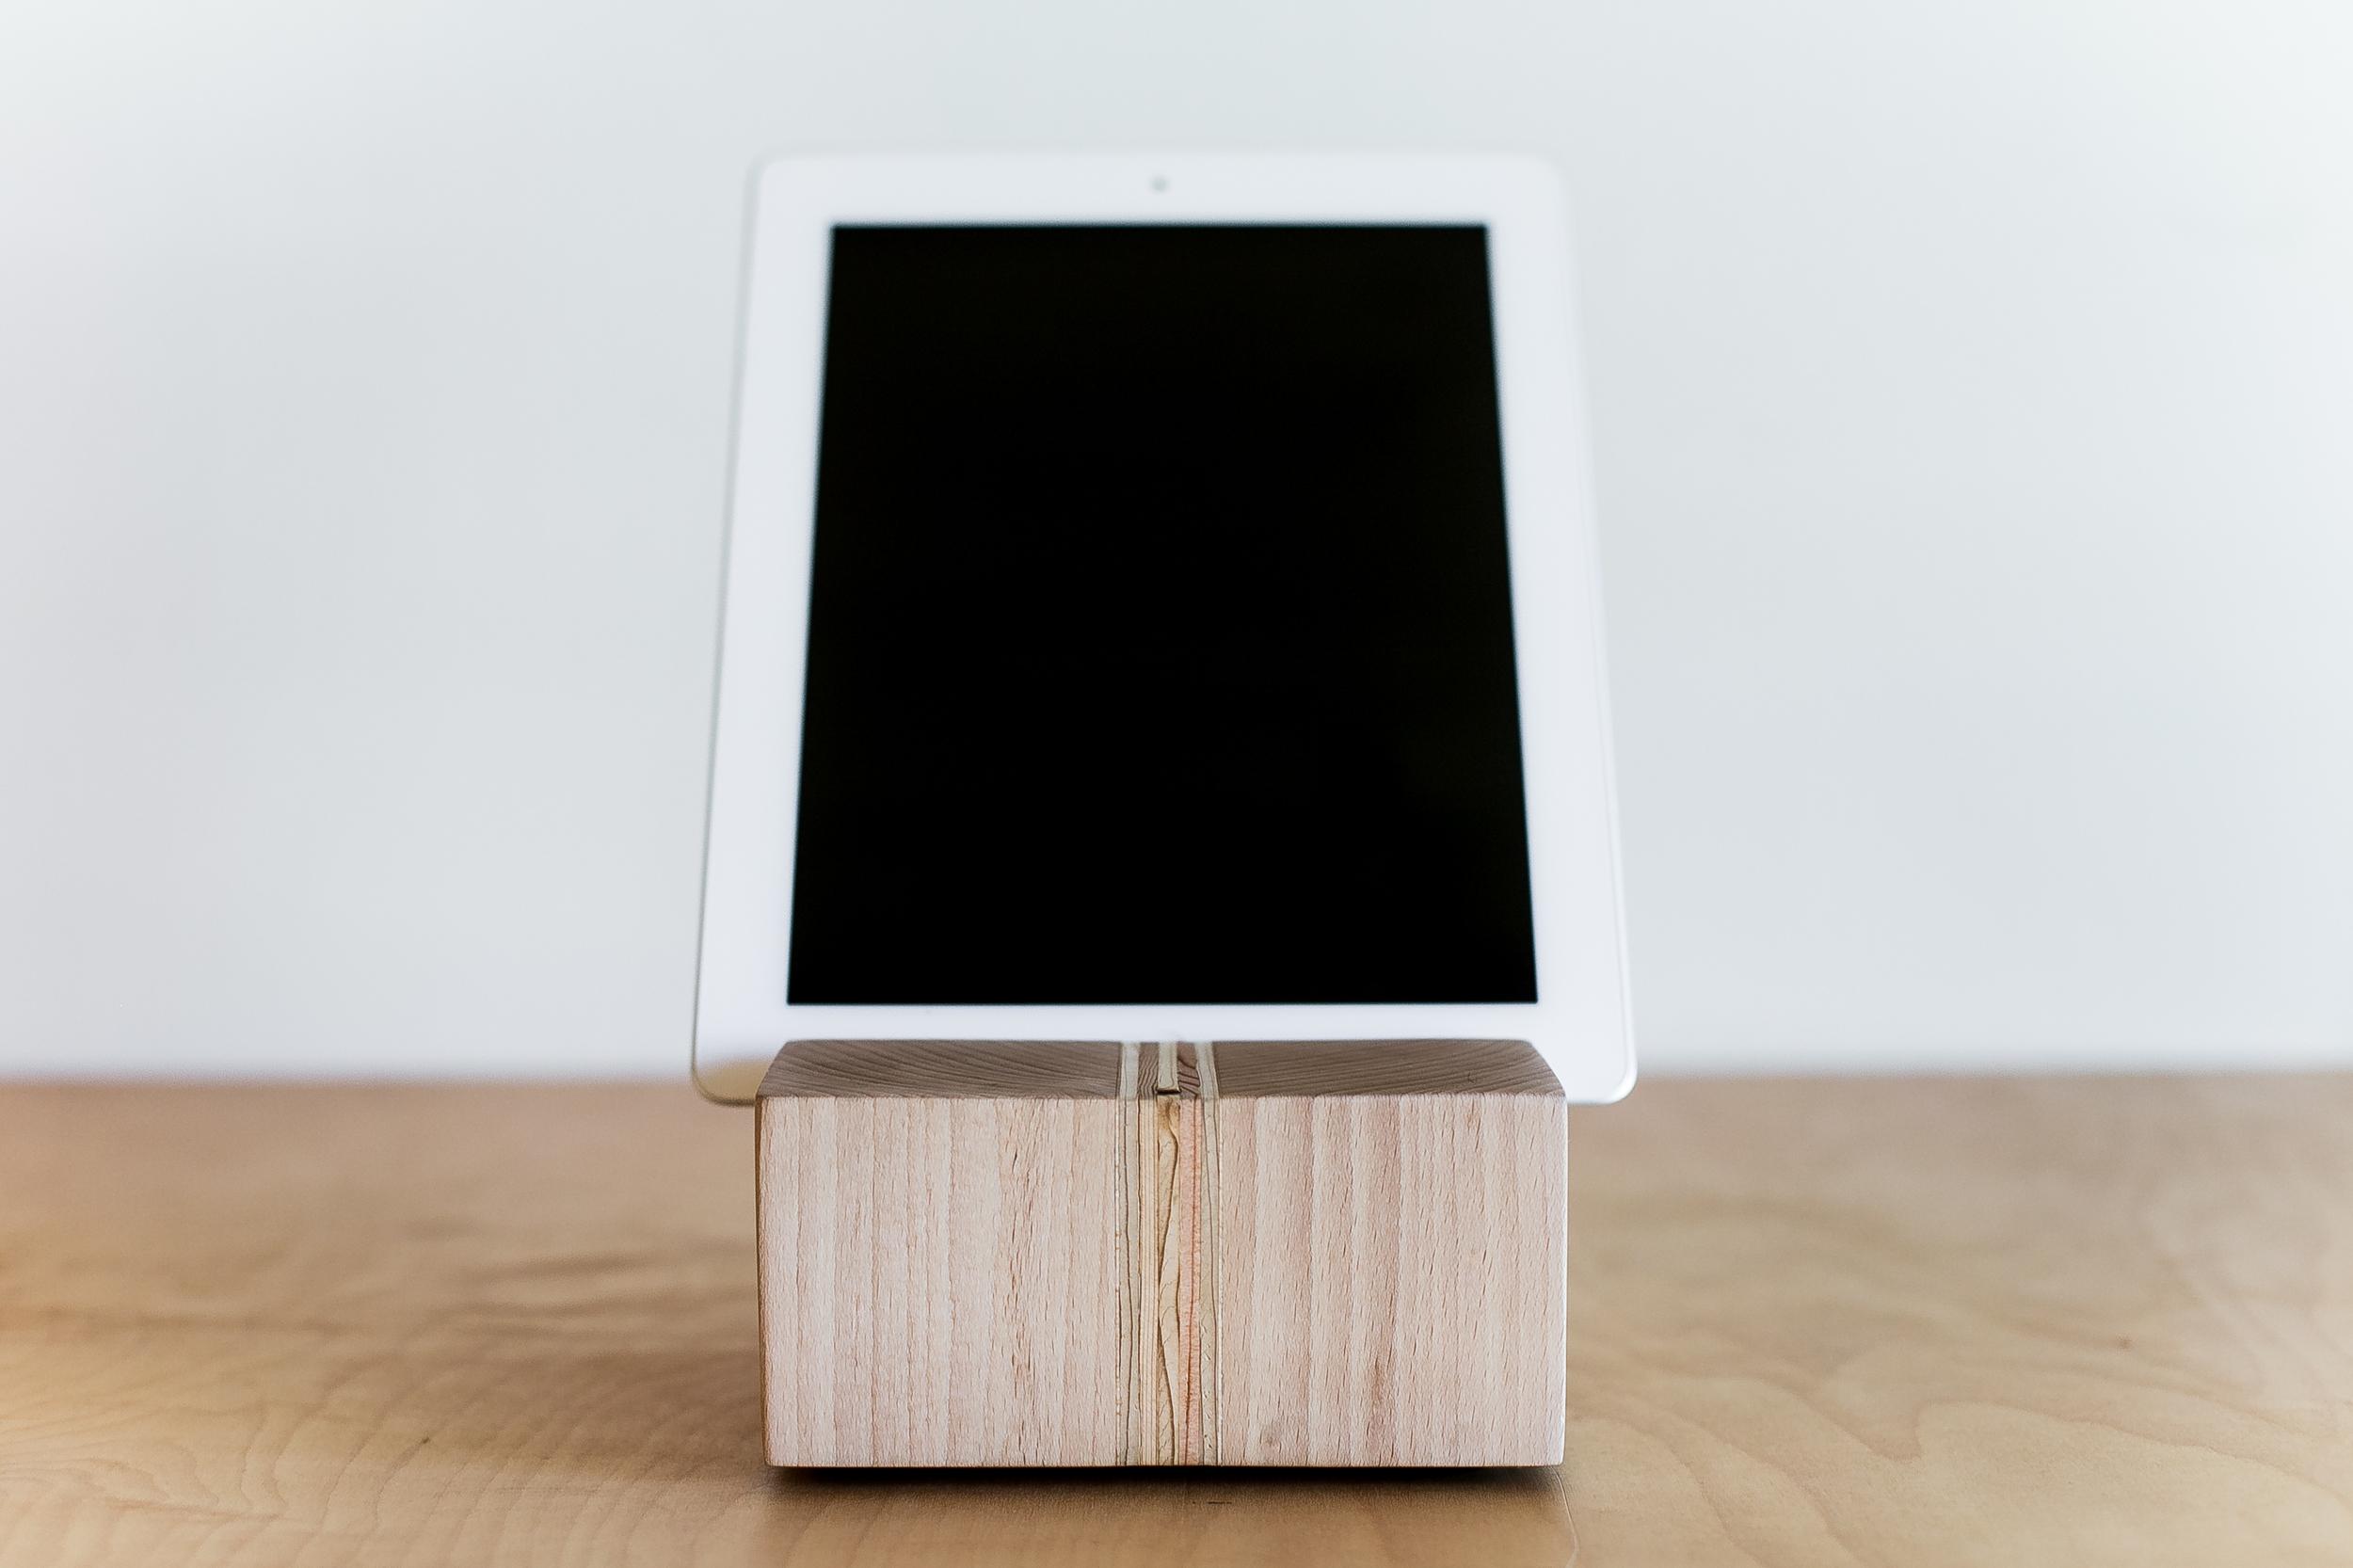 iPad Stand | 014